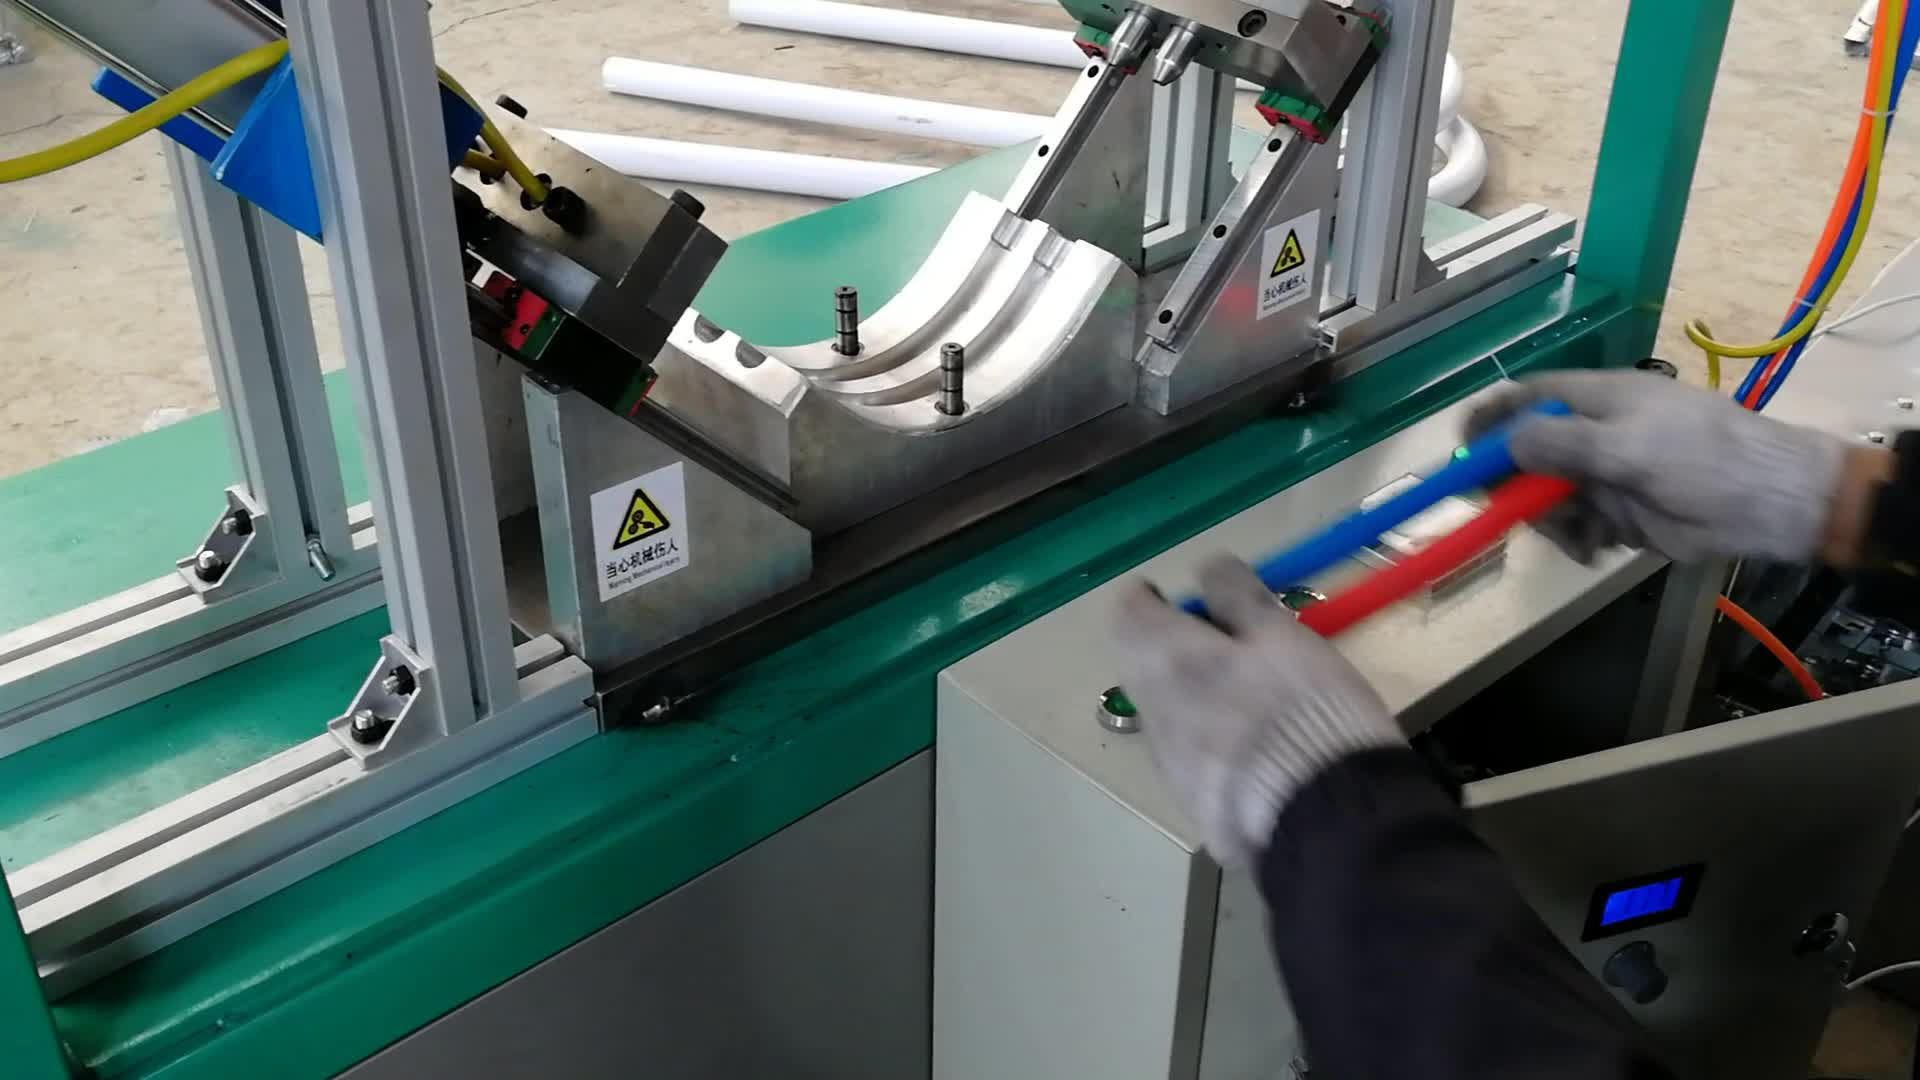 Personalizzato Manuale Riscaldamento WG-1602 Manuale PVC Utilizzato Curvatubi Macchina